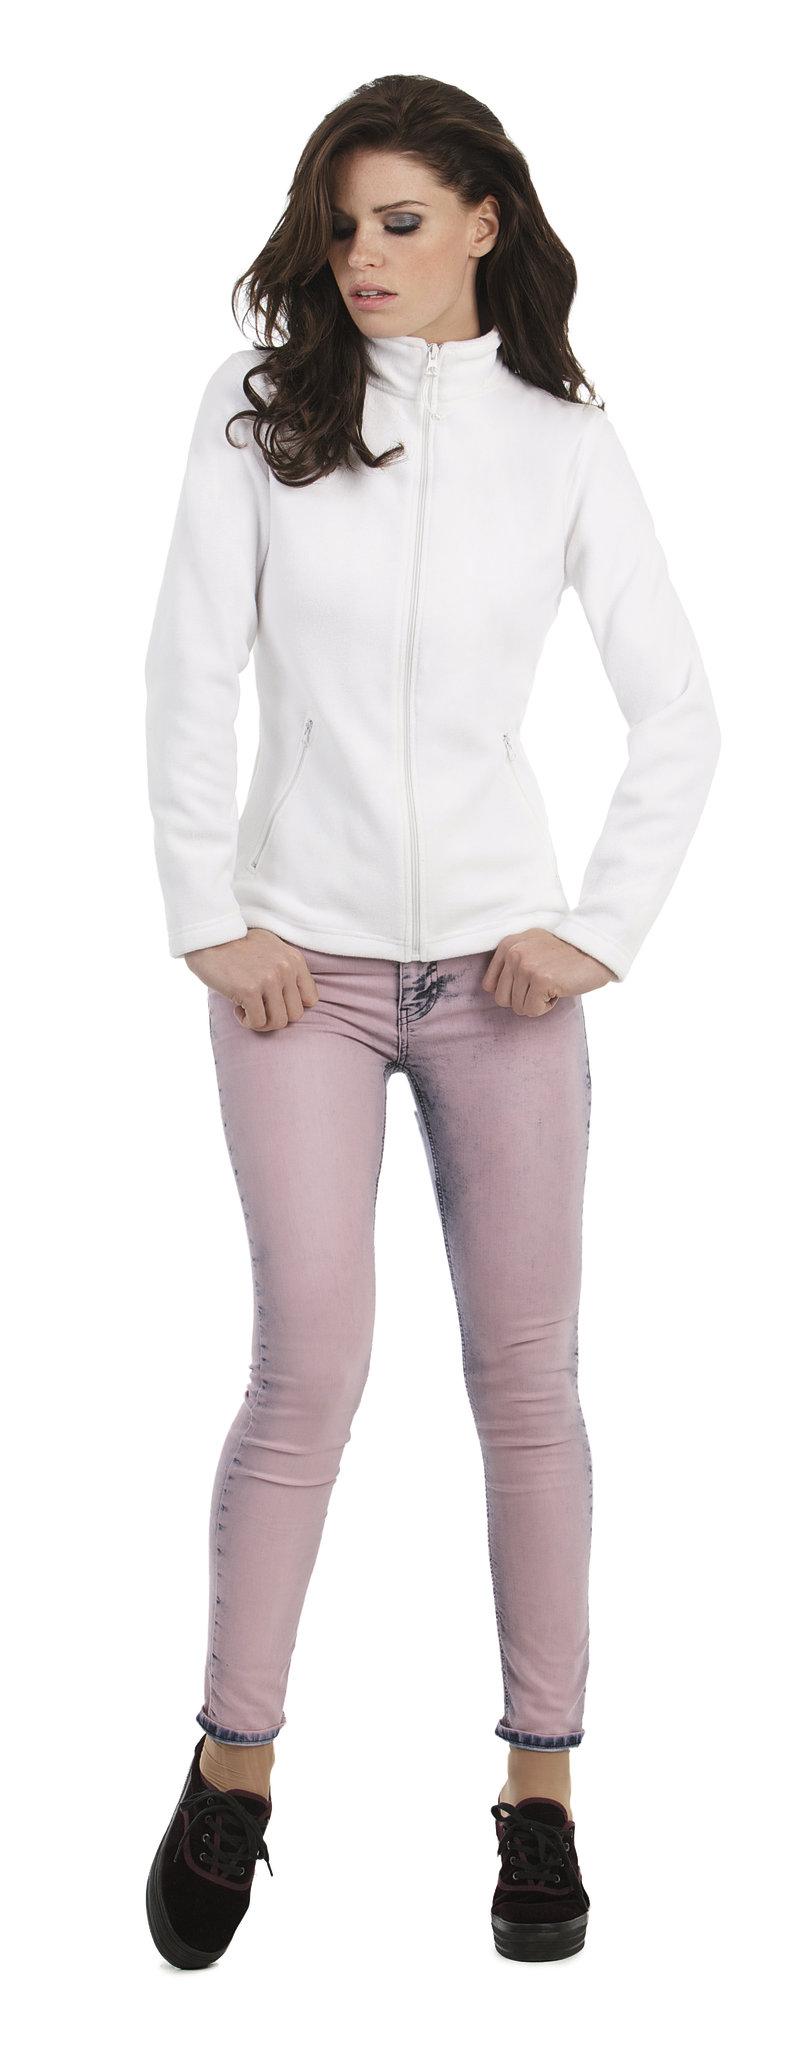 Veste polaire promotionnelle Fleece - cadeau d'entreprise pour femme